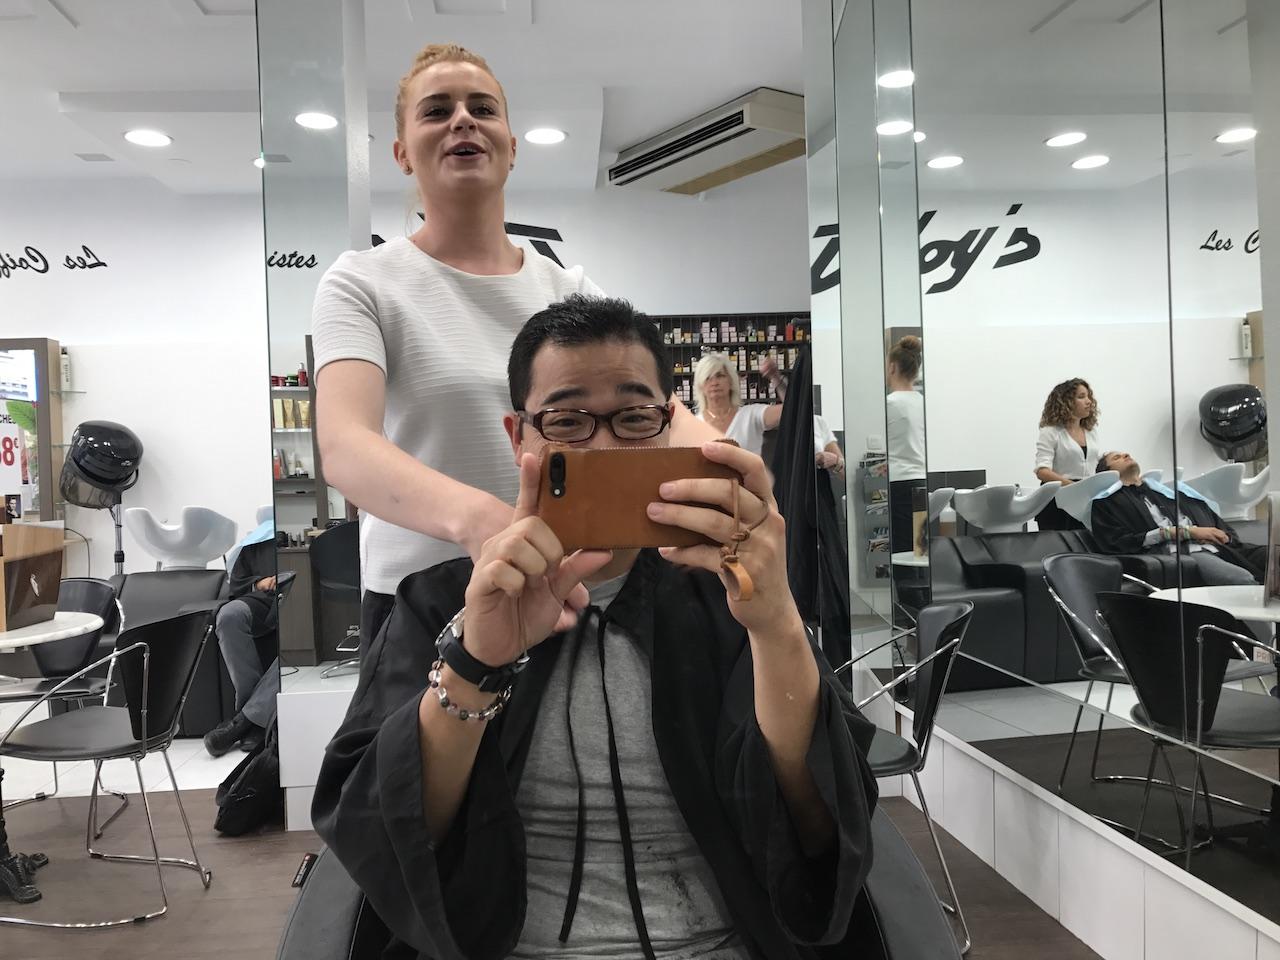 初めて海外で髪を切ってもらってみた。フランスで髪を切ってもフランス人のようなイケメンにはならないお話